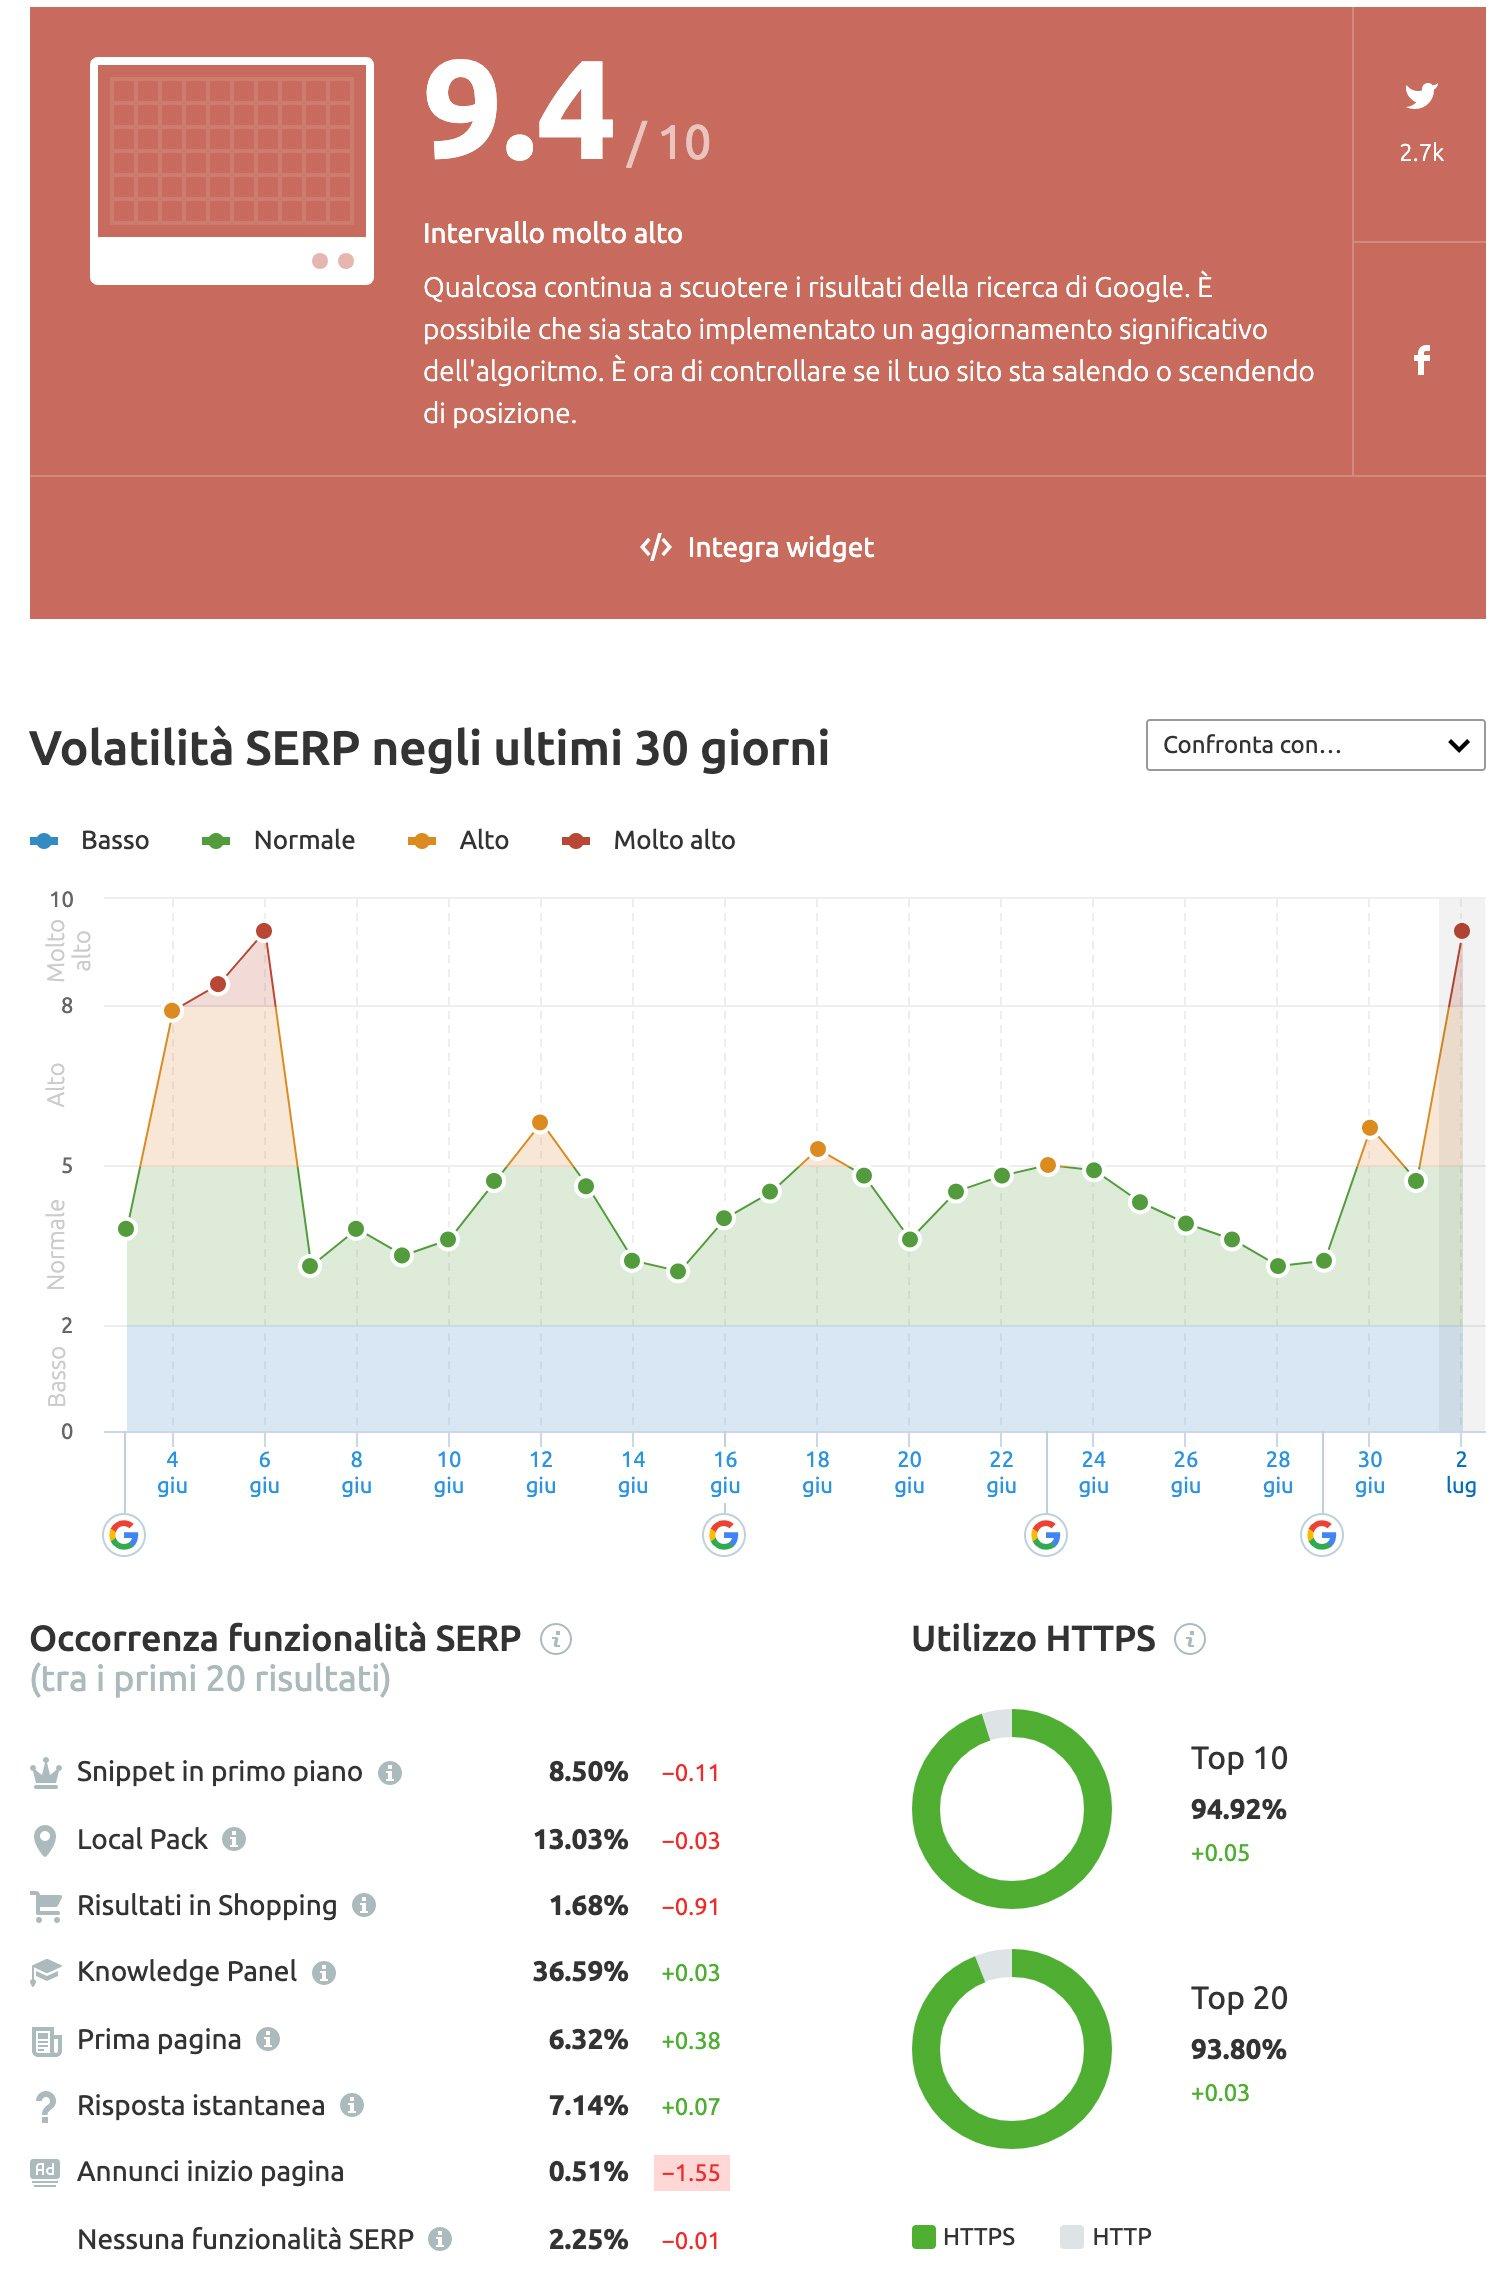 volatilità SERP giugno 2021